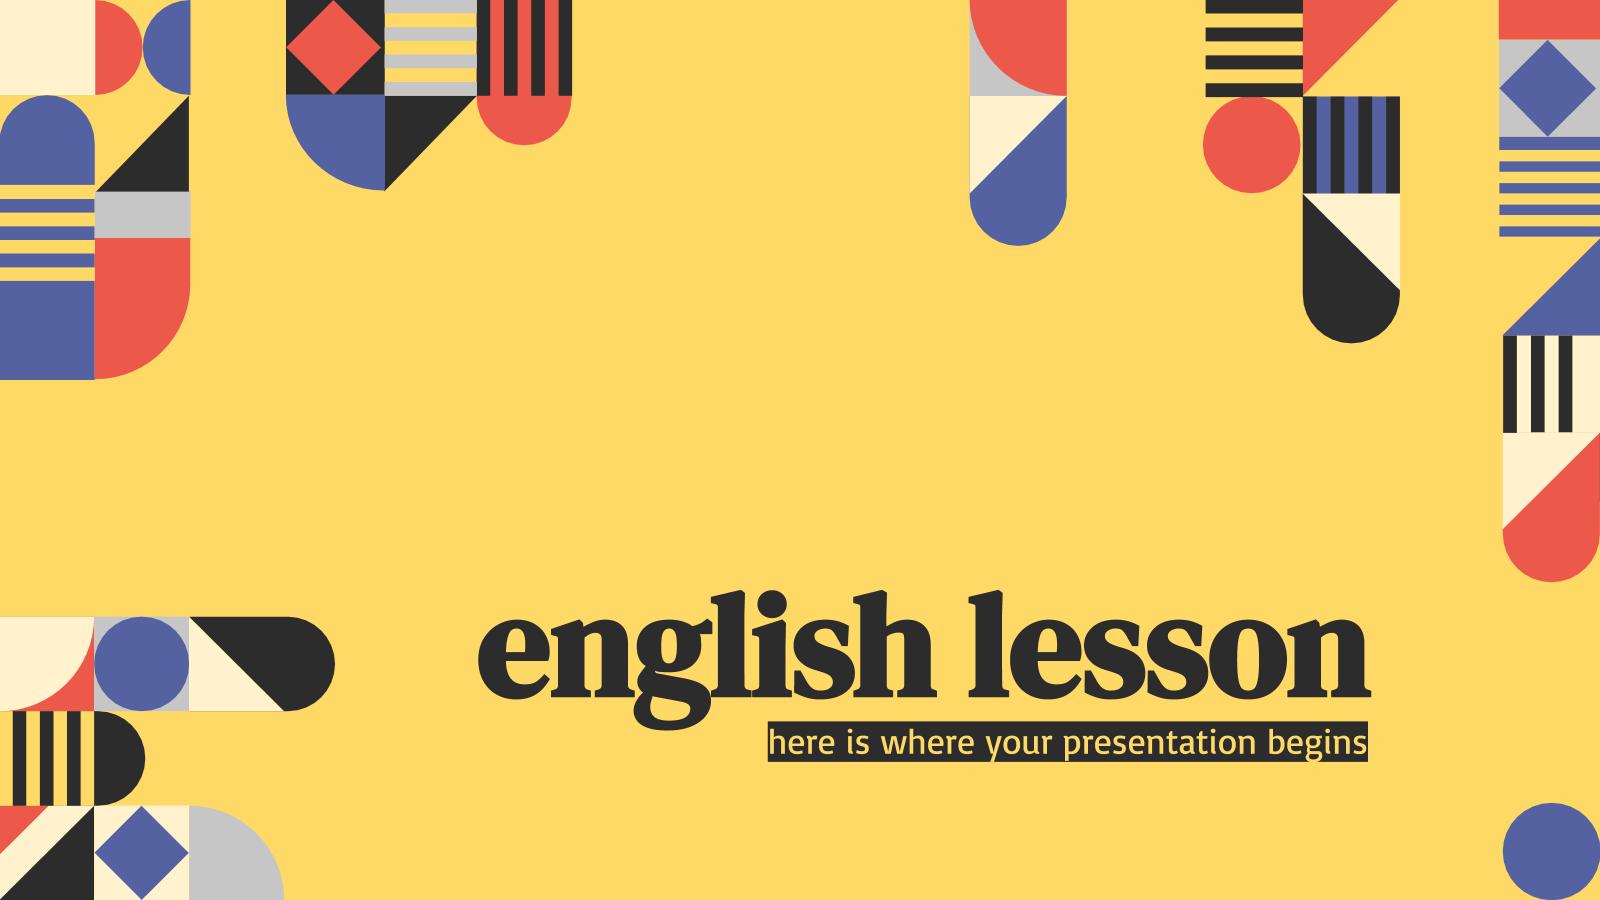 Cours d'anglais : Modèles de présentation